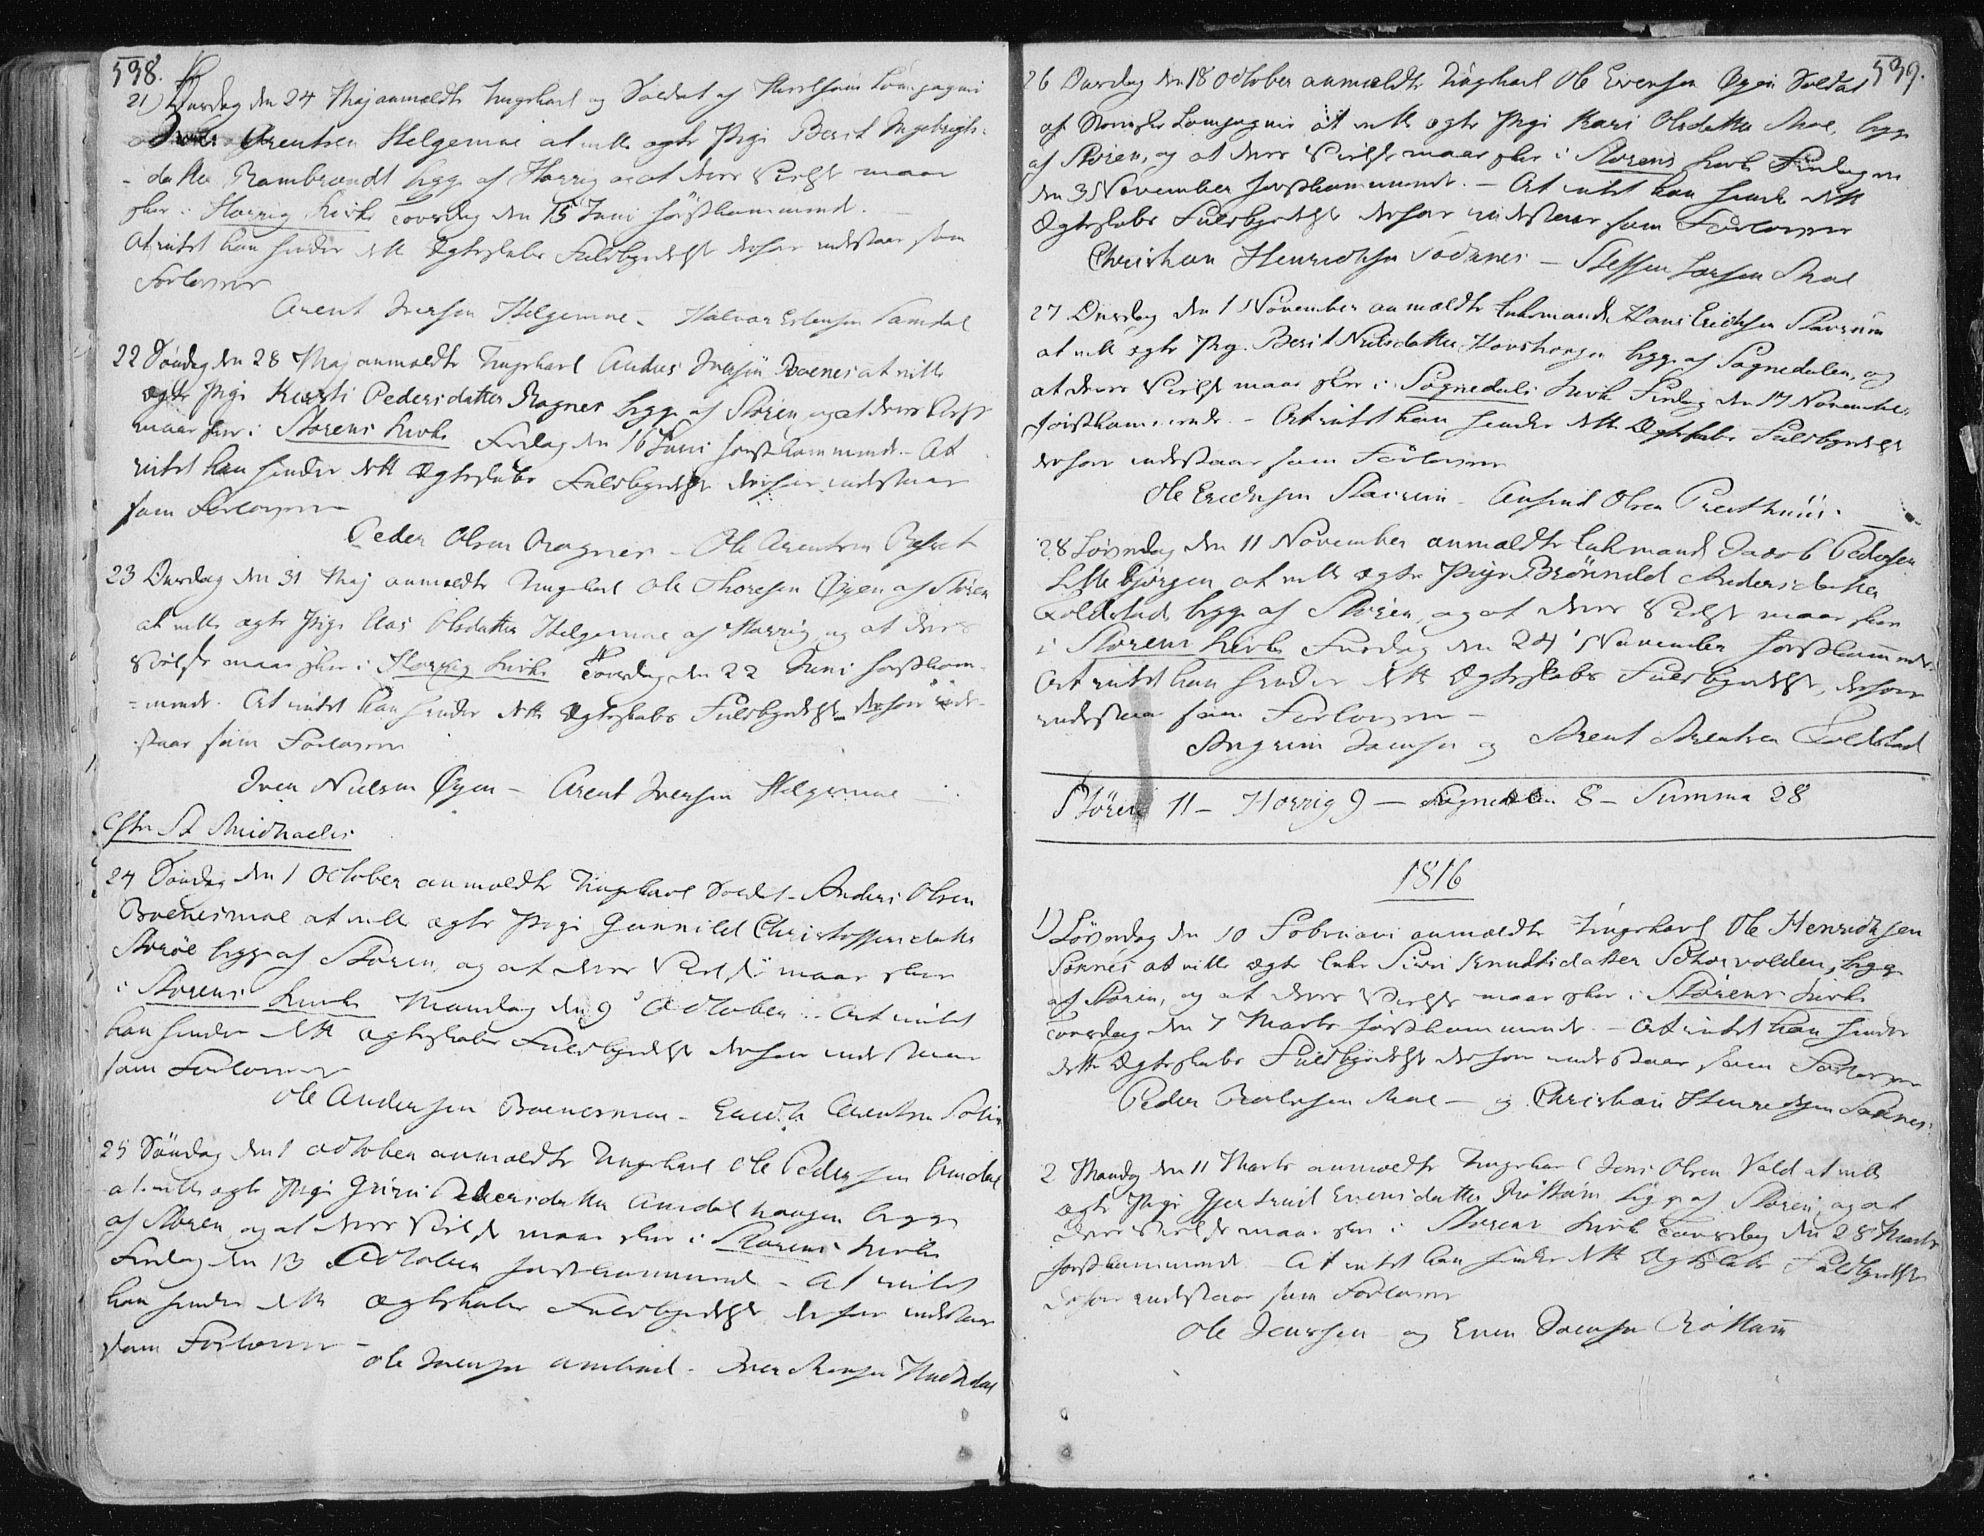 SAT, Ministerialprotokoller, klokkerbøker og fødselsregistre - Sør-Trøndelag, 687/L0992: Ministerialbok nr. 687A03 /1, 1788-1815, s. 538-539